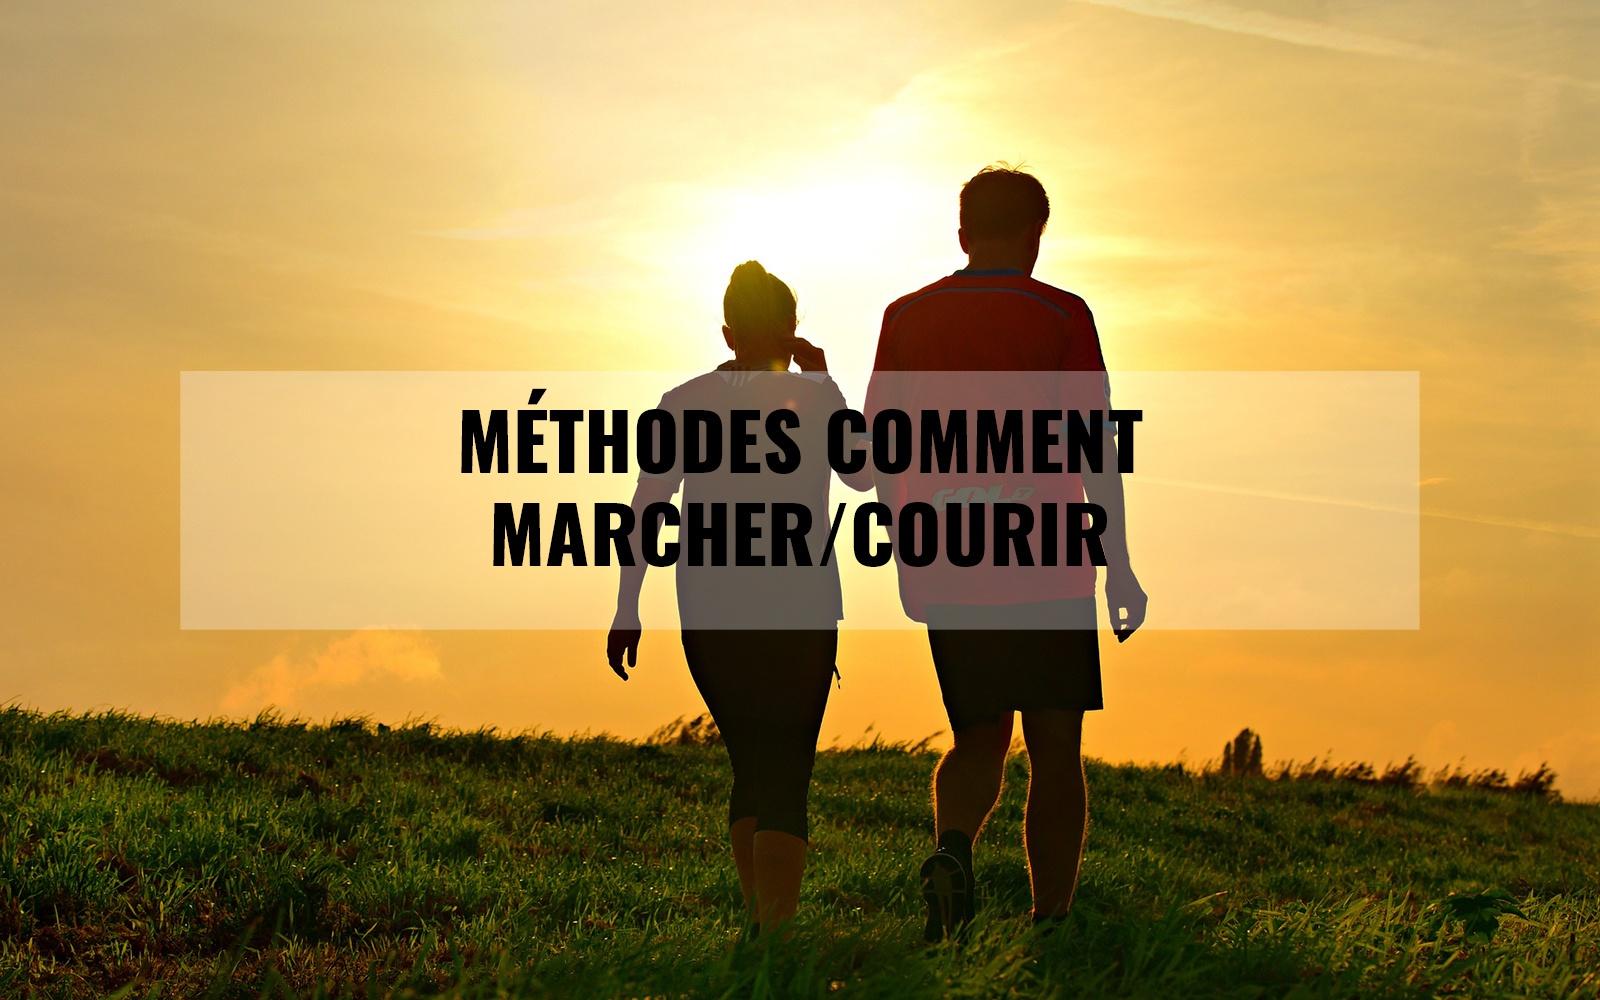 Méthode comment marcher/courir